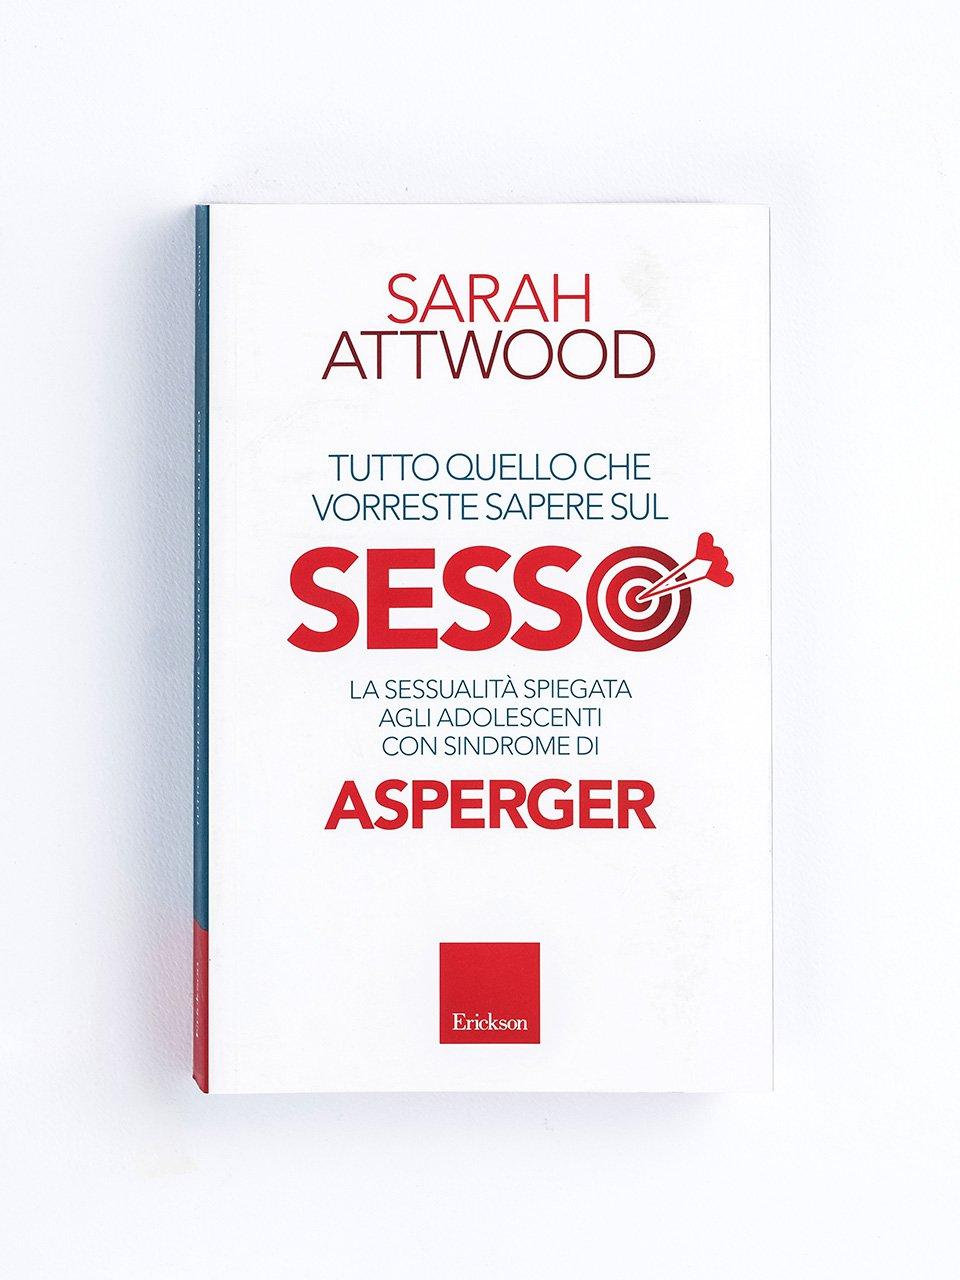 Tutto quello che vorreste sapere sul SESSO - Come parlare di sessualità con il proprio figlio Asperger - Erickson